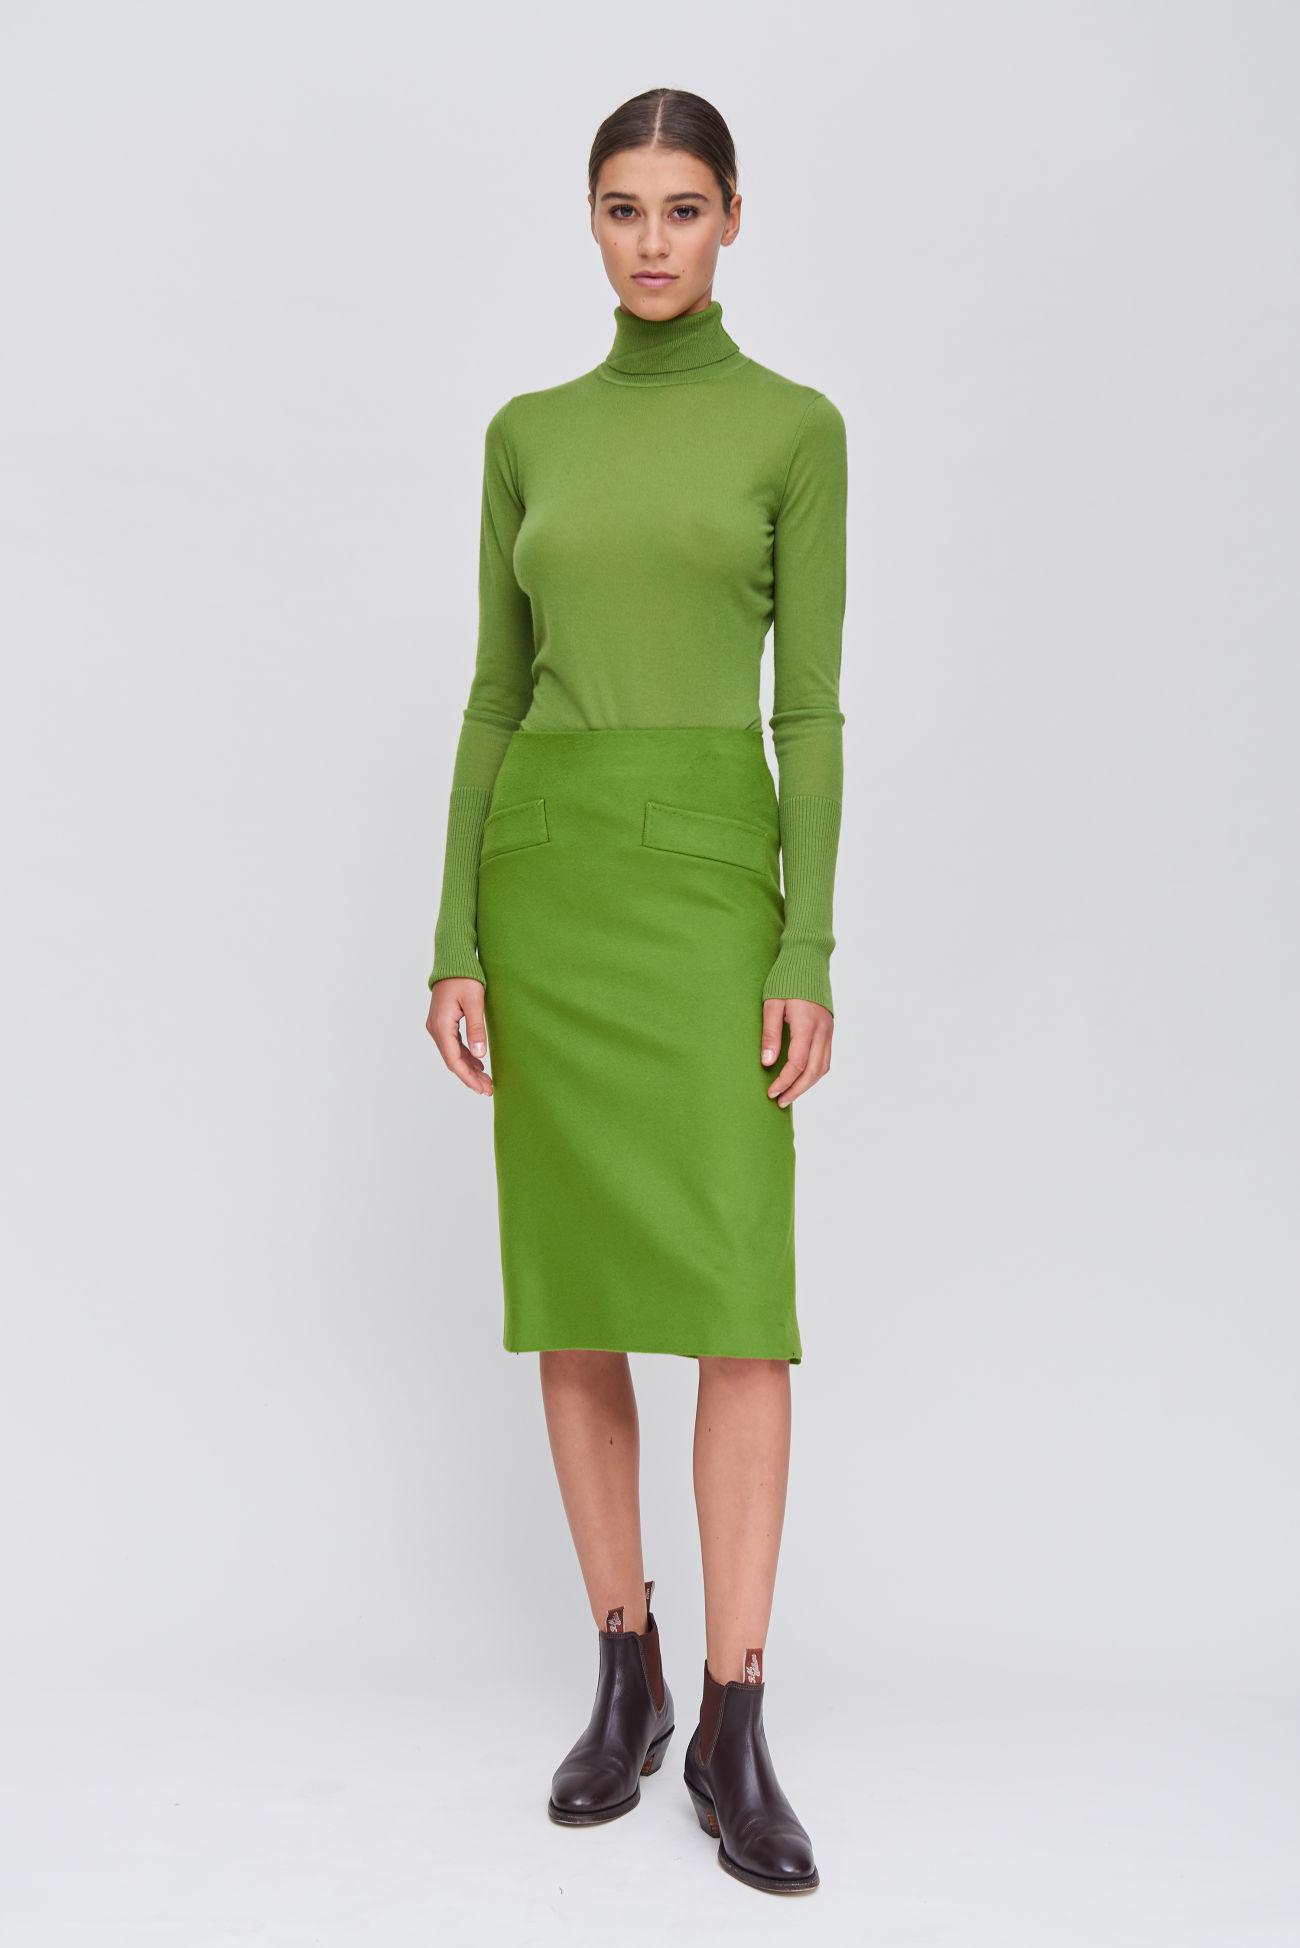 Feminine Business Skirt